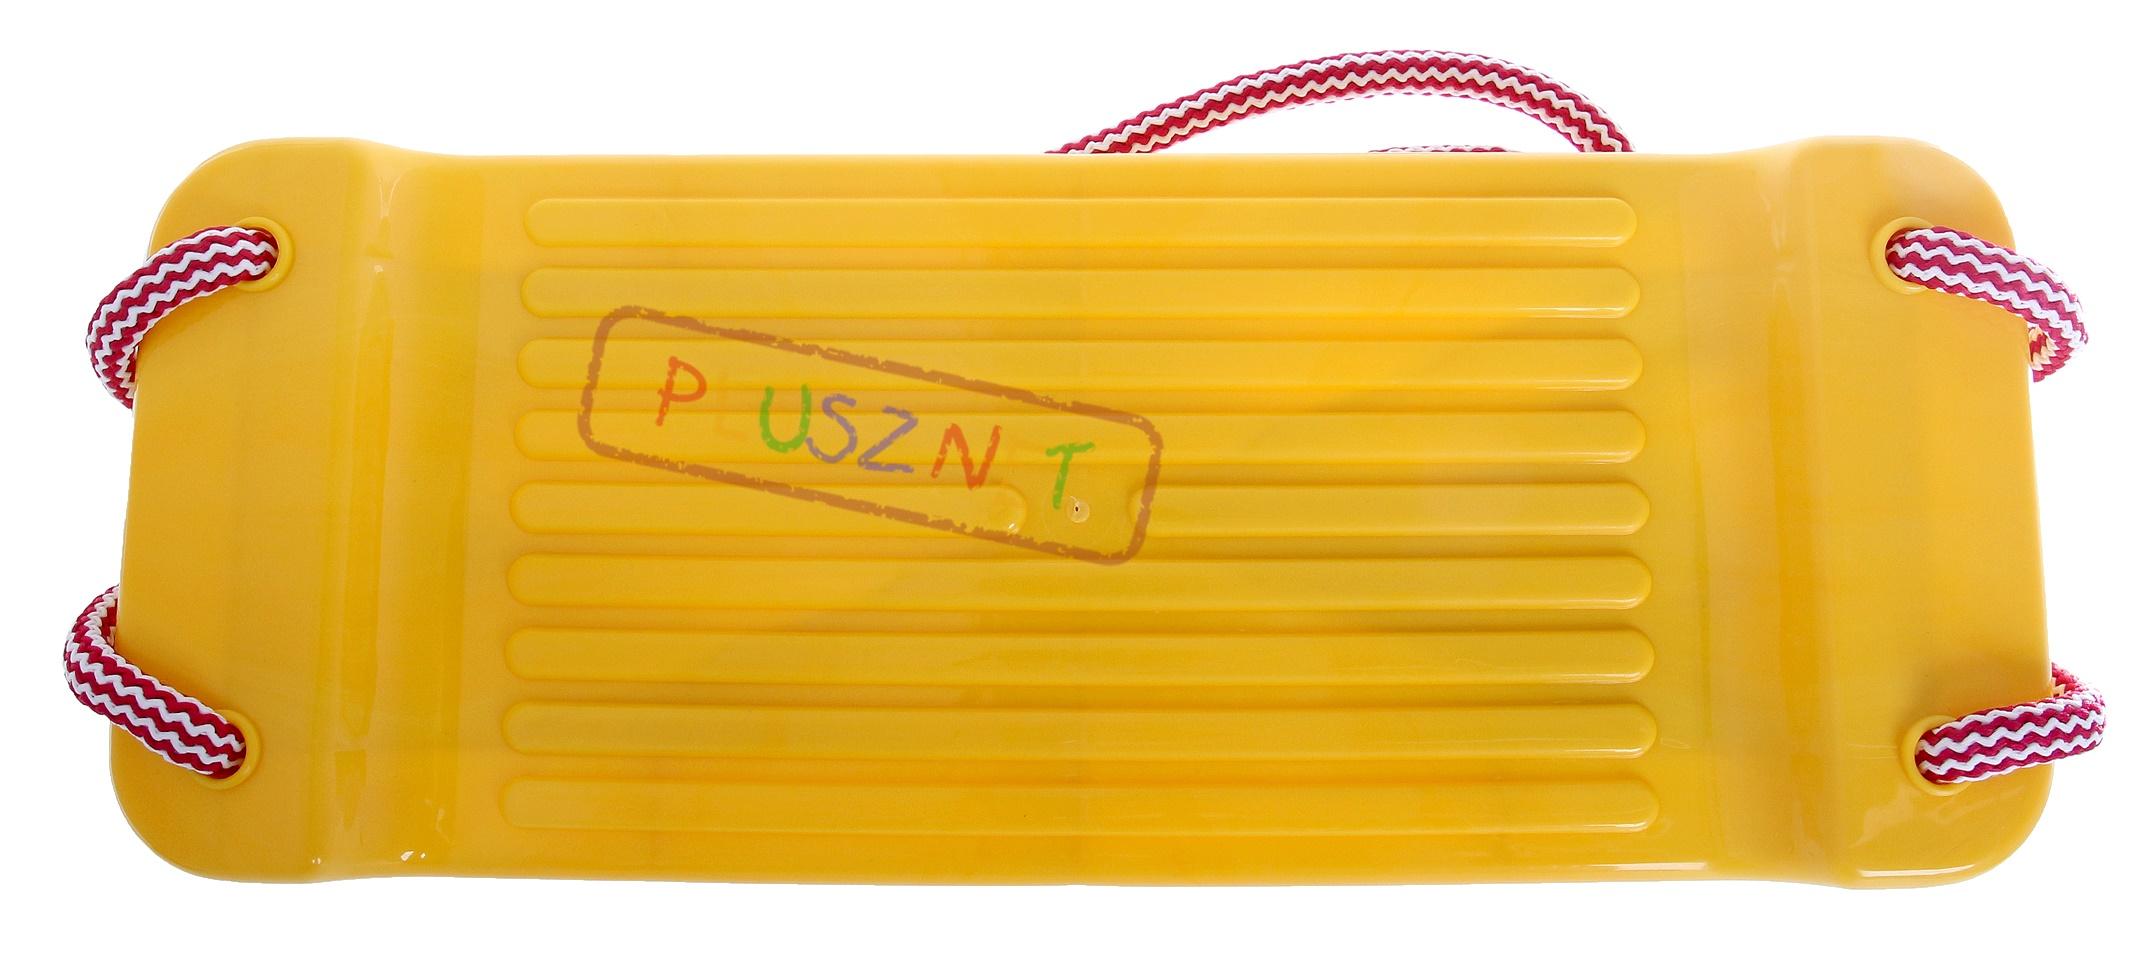 Hustawka Ogrodowa Dla Dzieci Plastikowa : Ogrodowa HUŚTAWKA Deska Plastikowa dla dzieci (5269996049)  Allegro